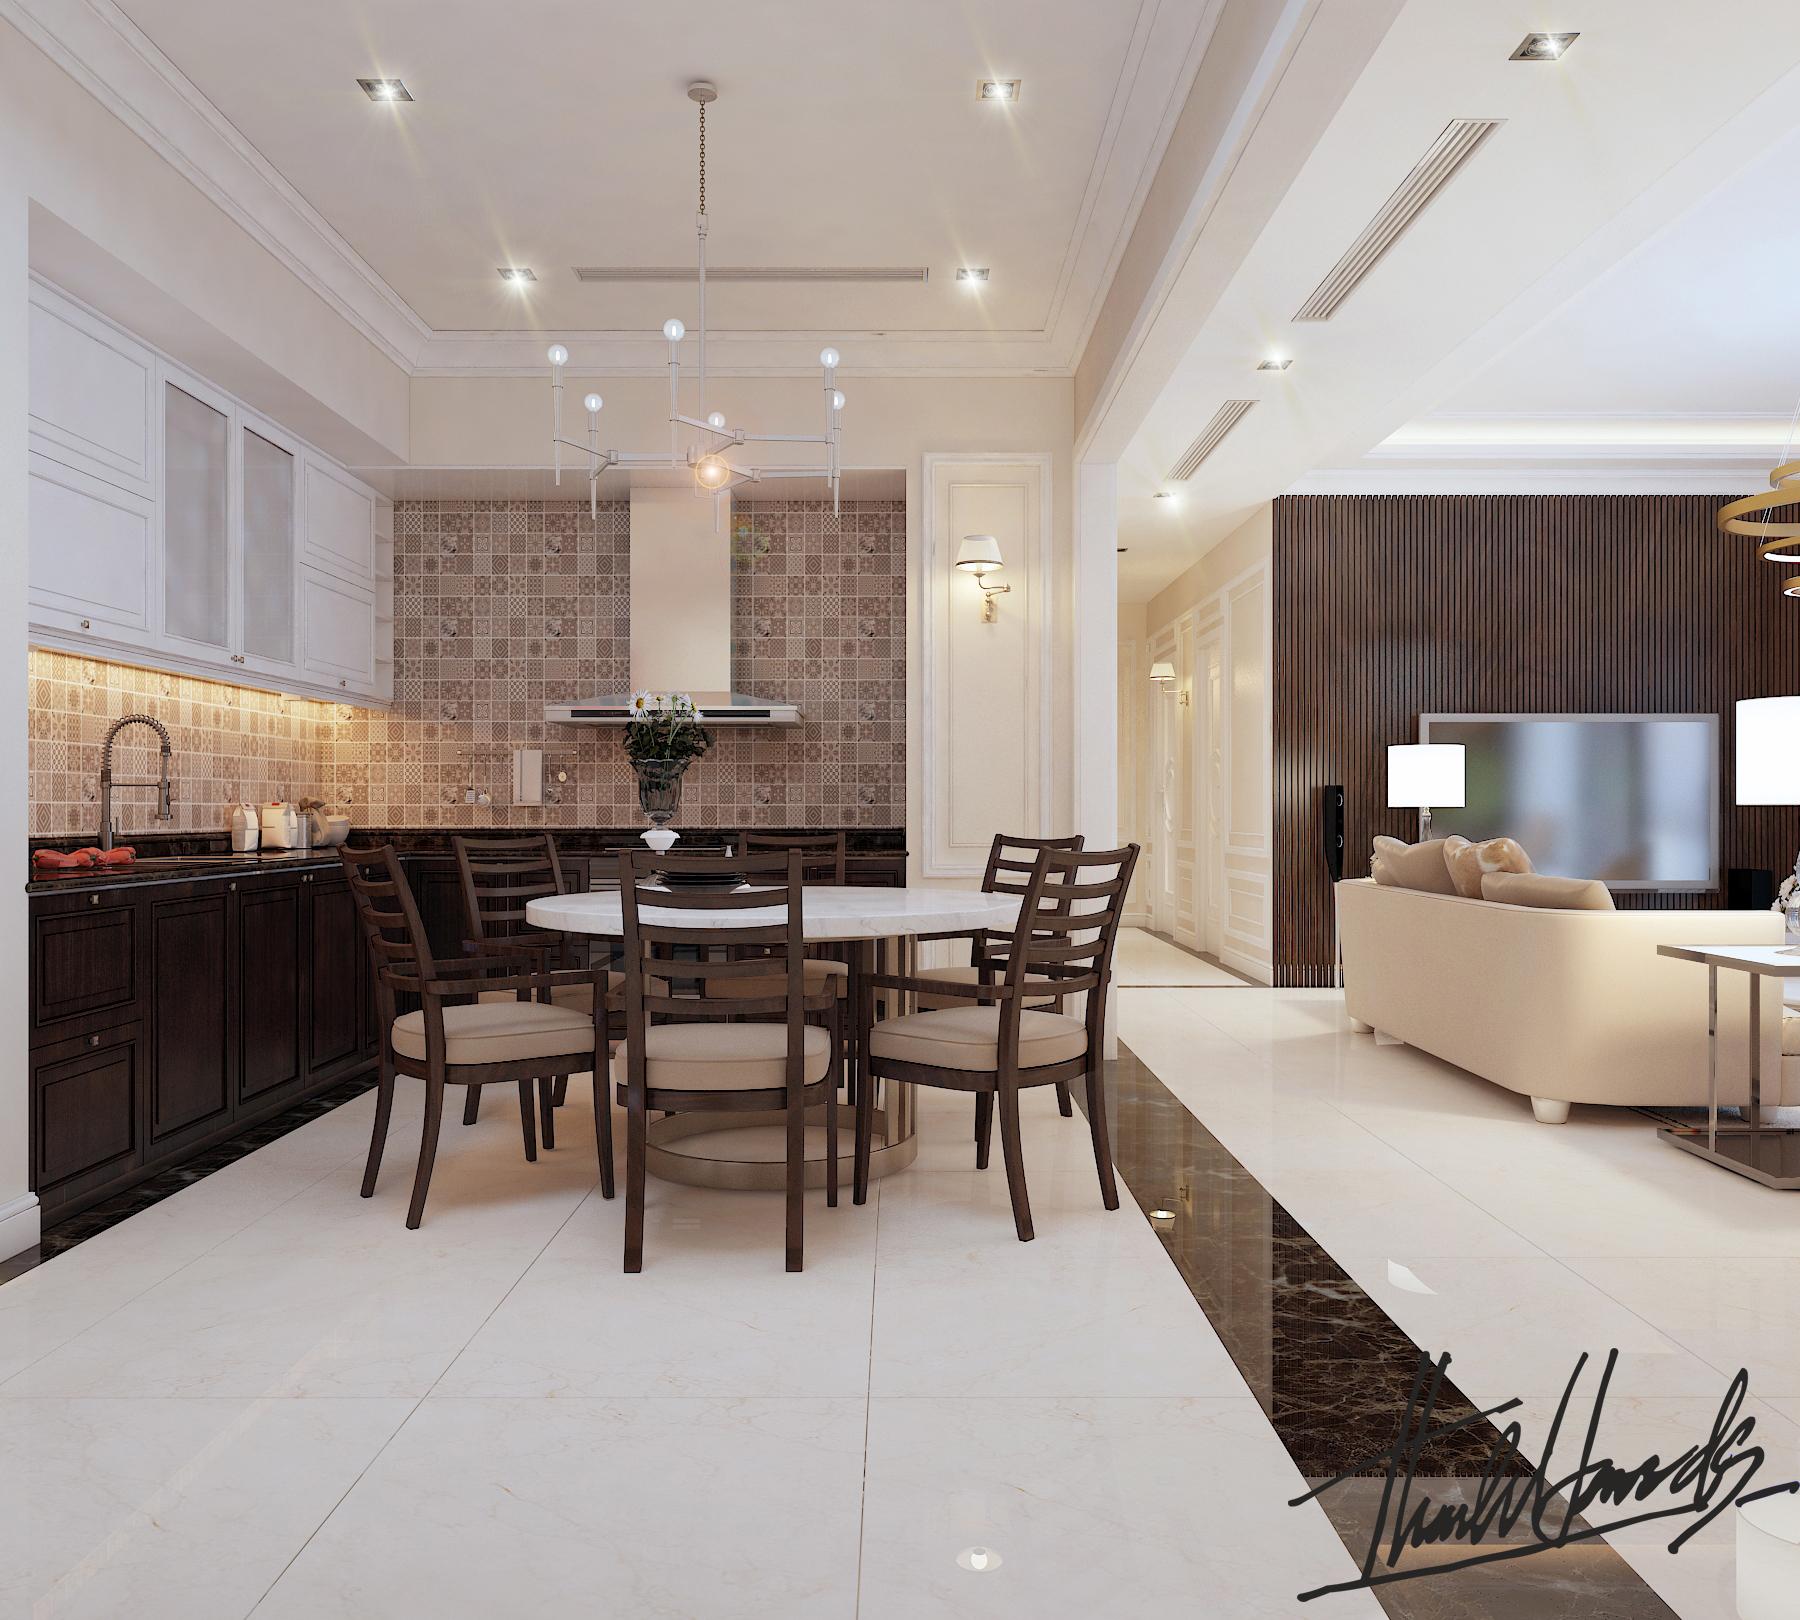 thiết kế nội thất chung cư tại Hà Nội chung cu royacity 6 1568191821